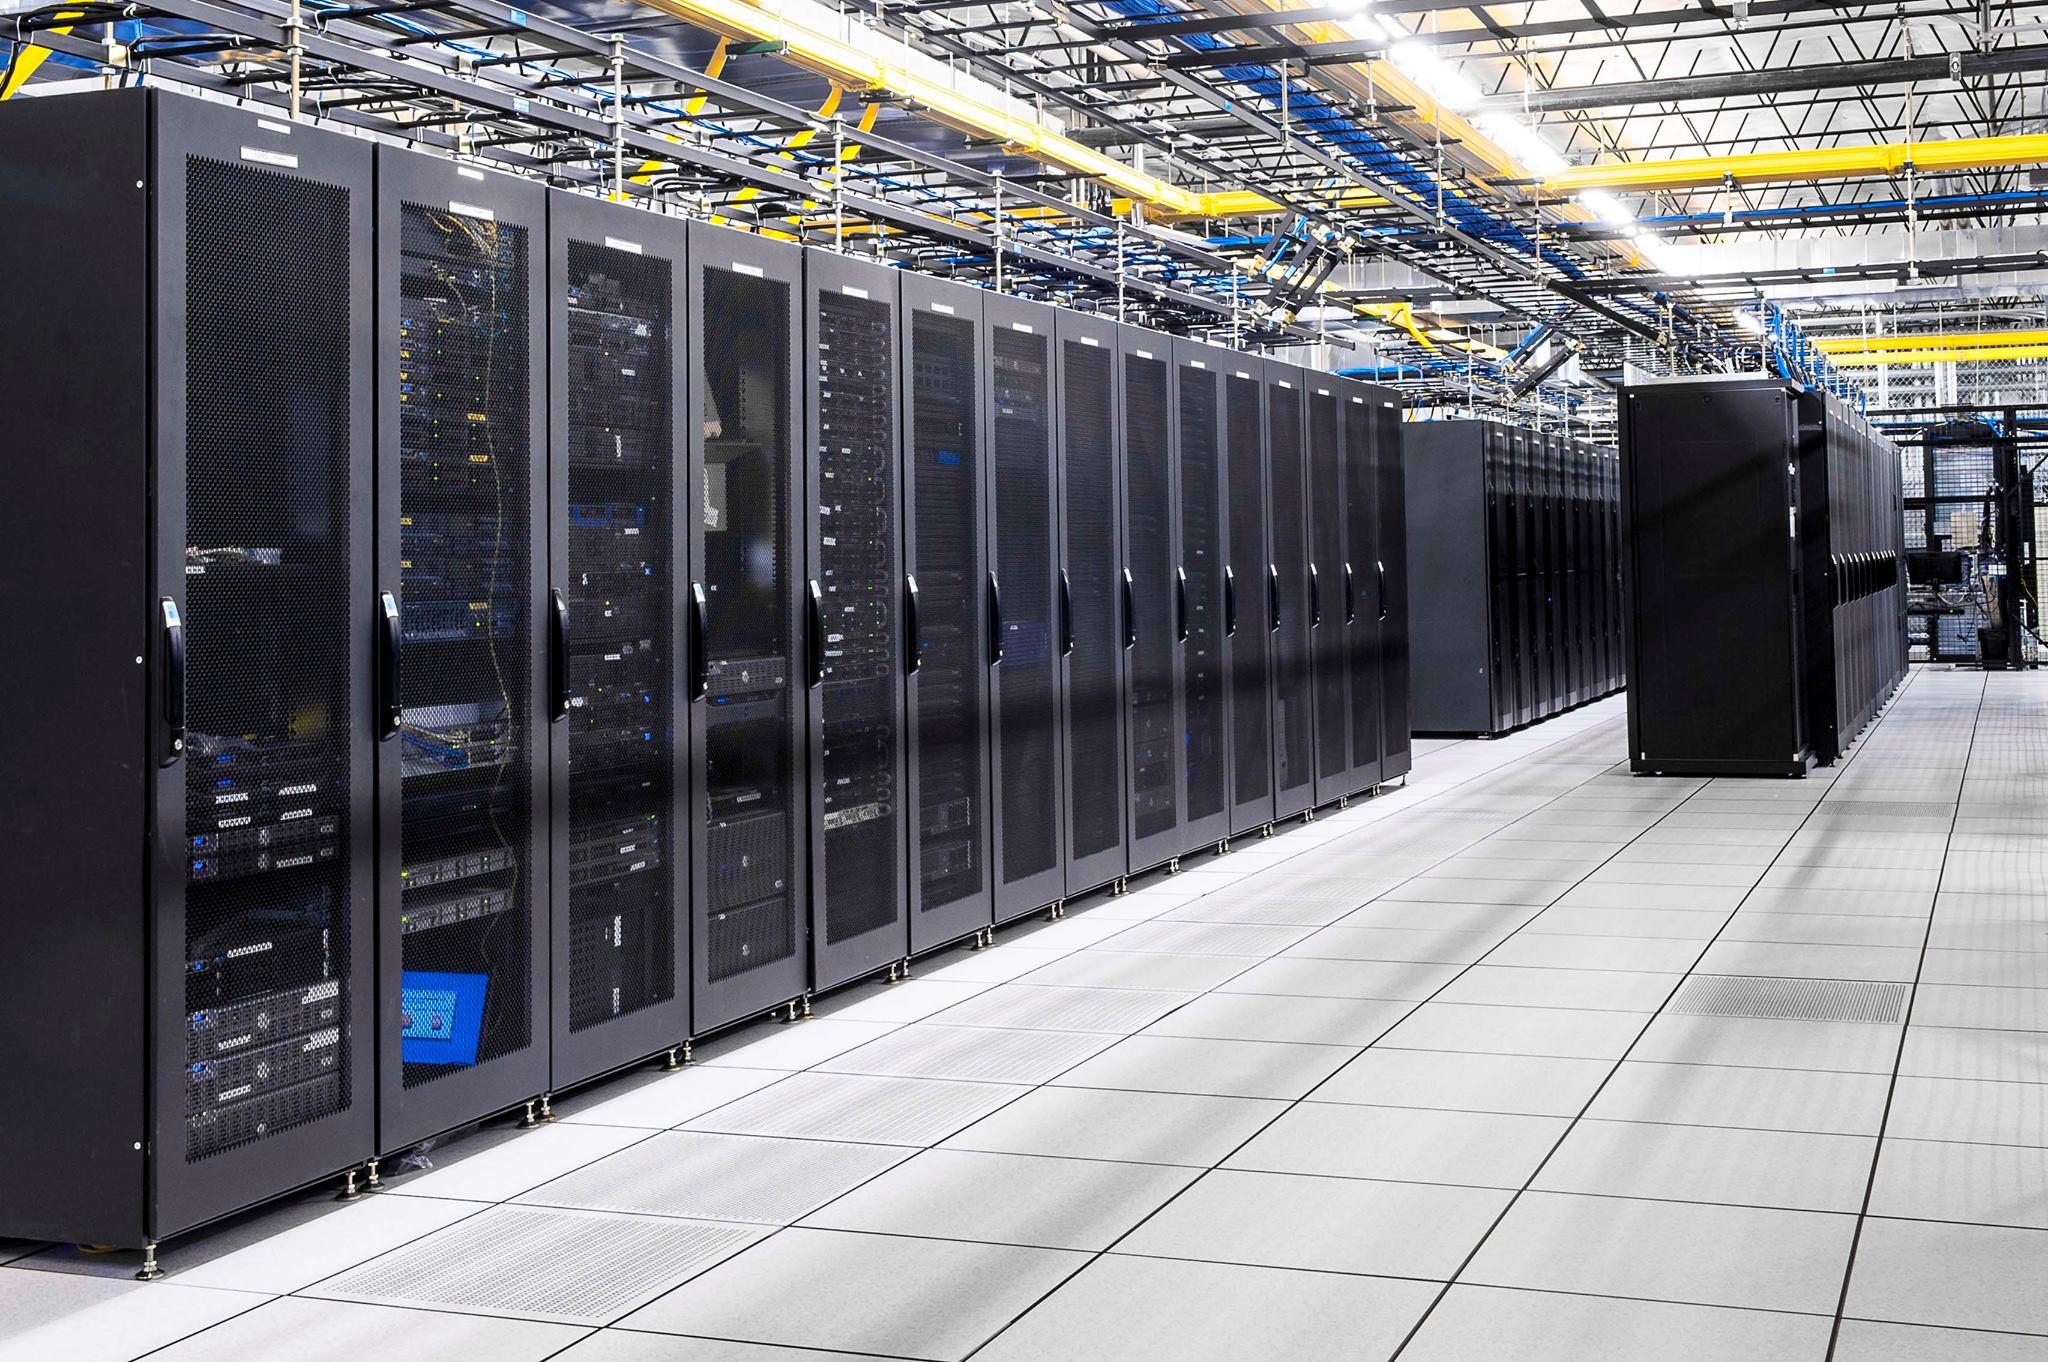 Что такое сервер и чем он отличается от обычного компьютера